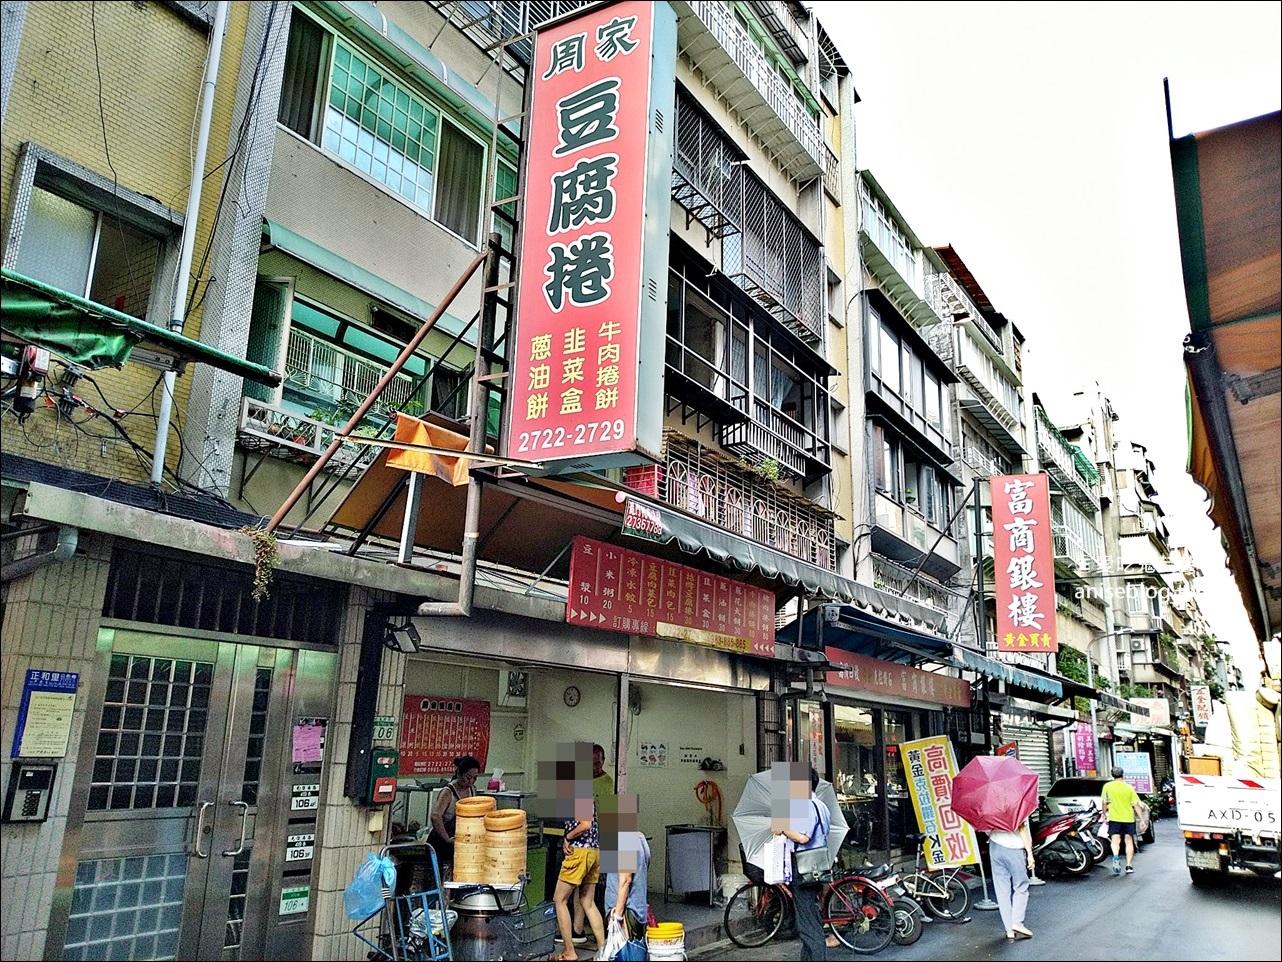 周家豆腐捲,乾烙韭菜盒、牛肉捲餅、蔥油餅,台北信義區光復市場美食(姊姊食記)